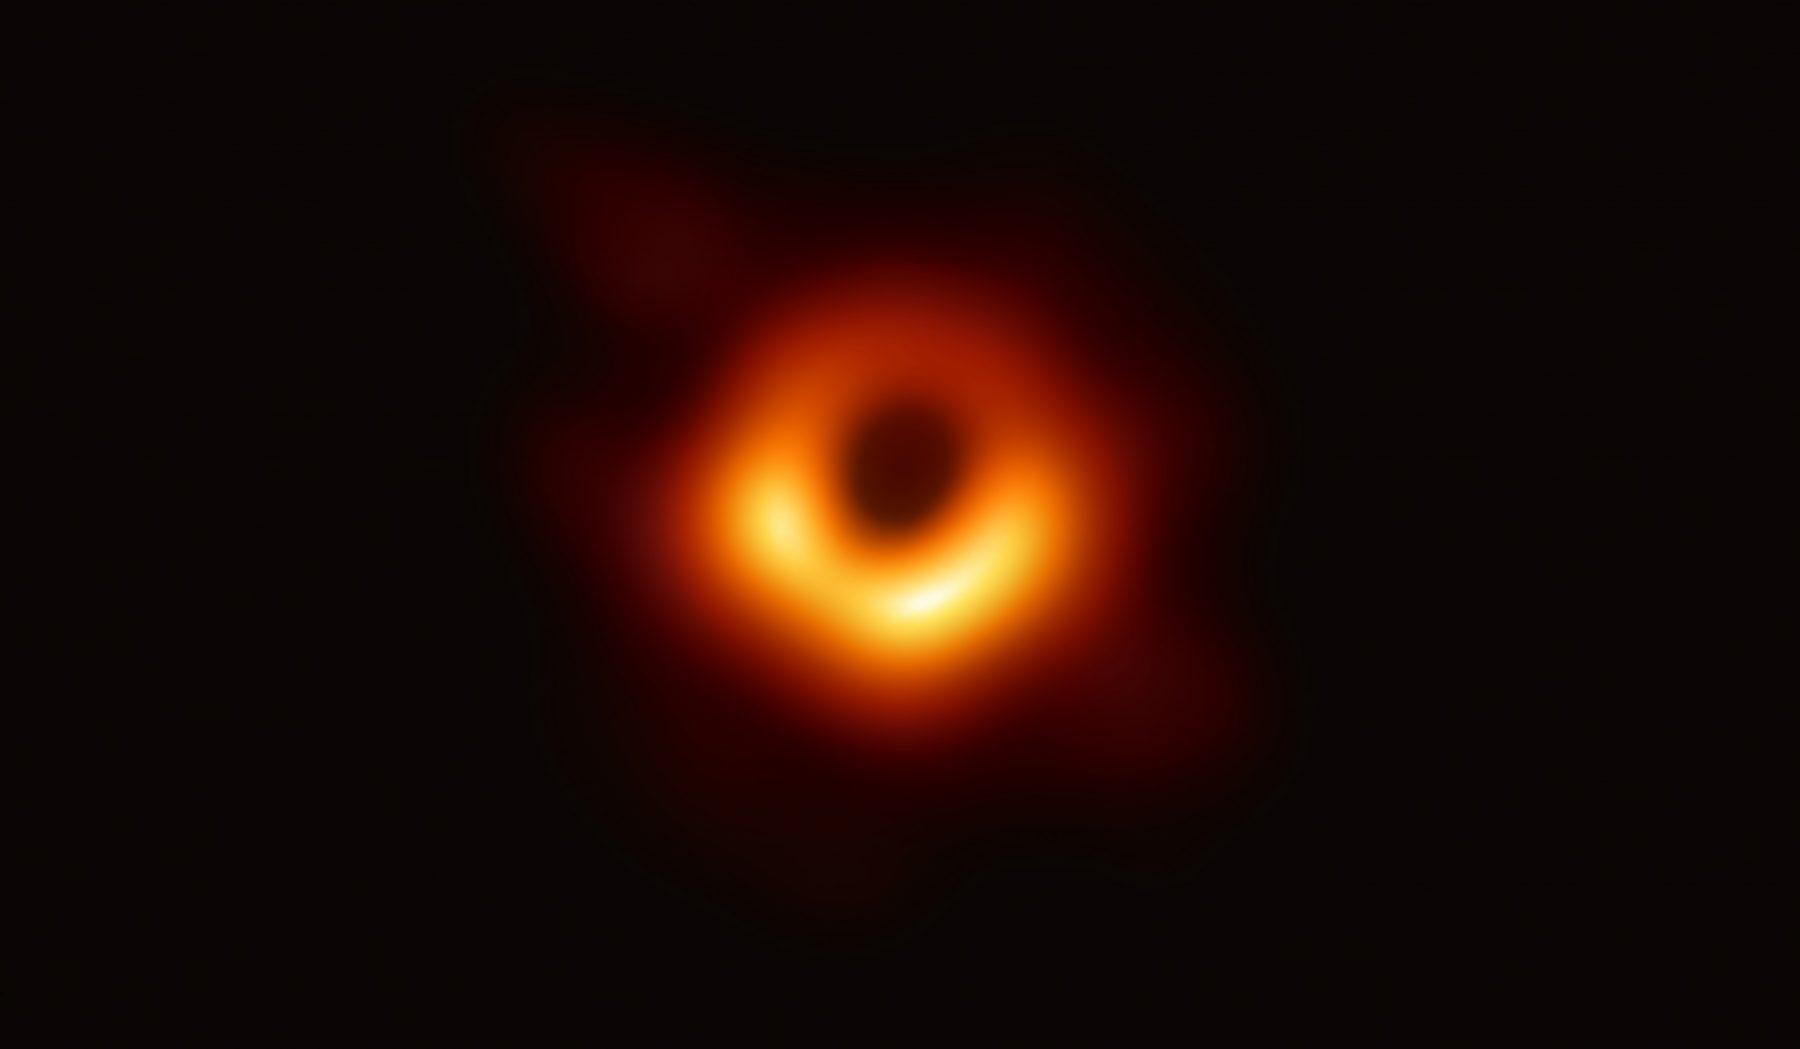 ブラックホールの撮影に成功